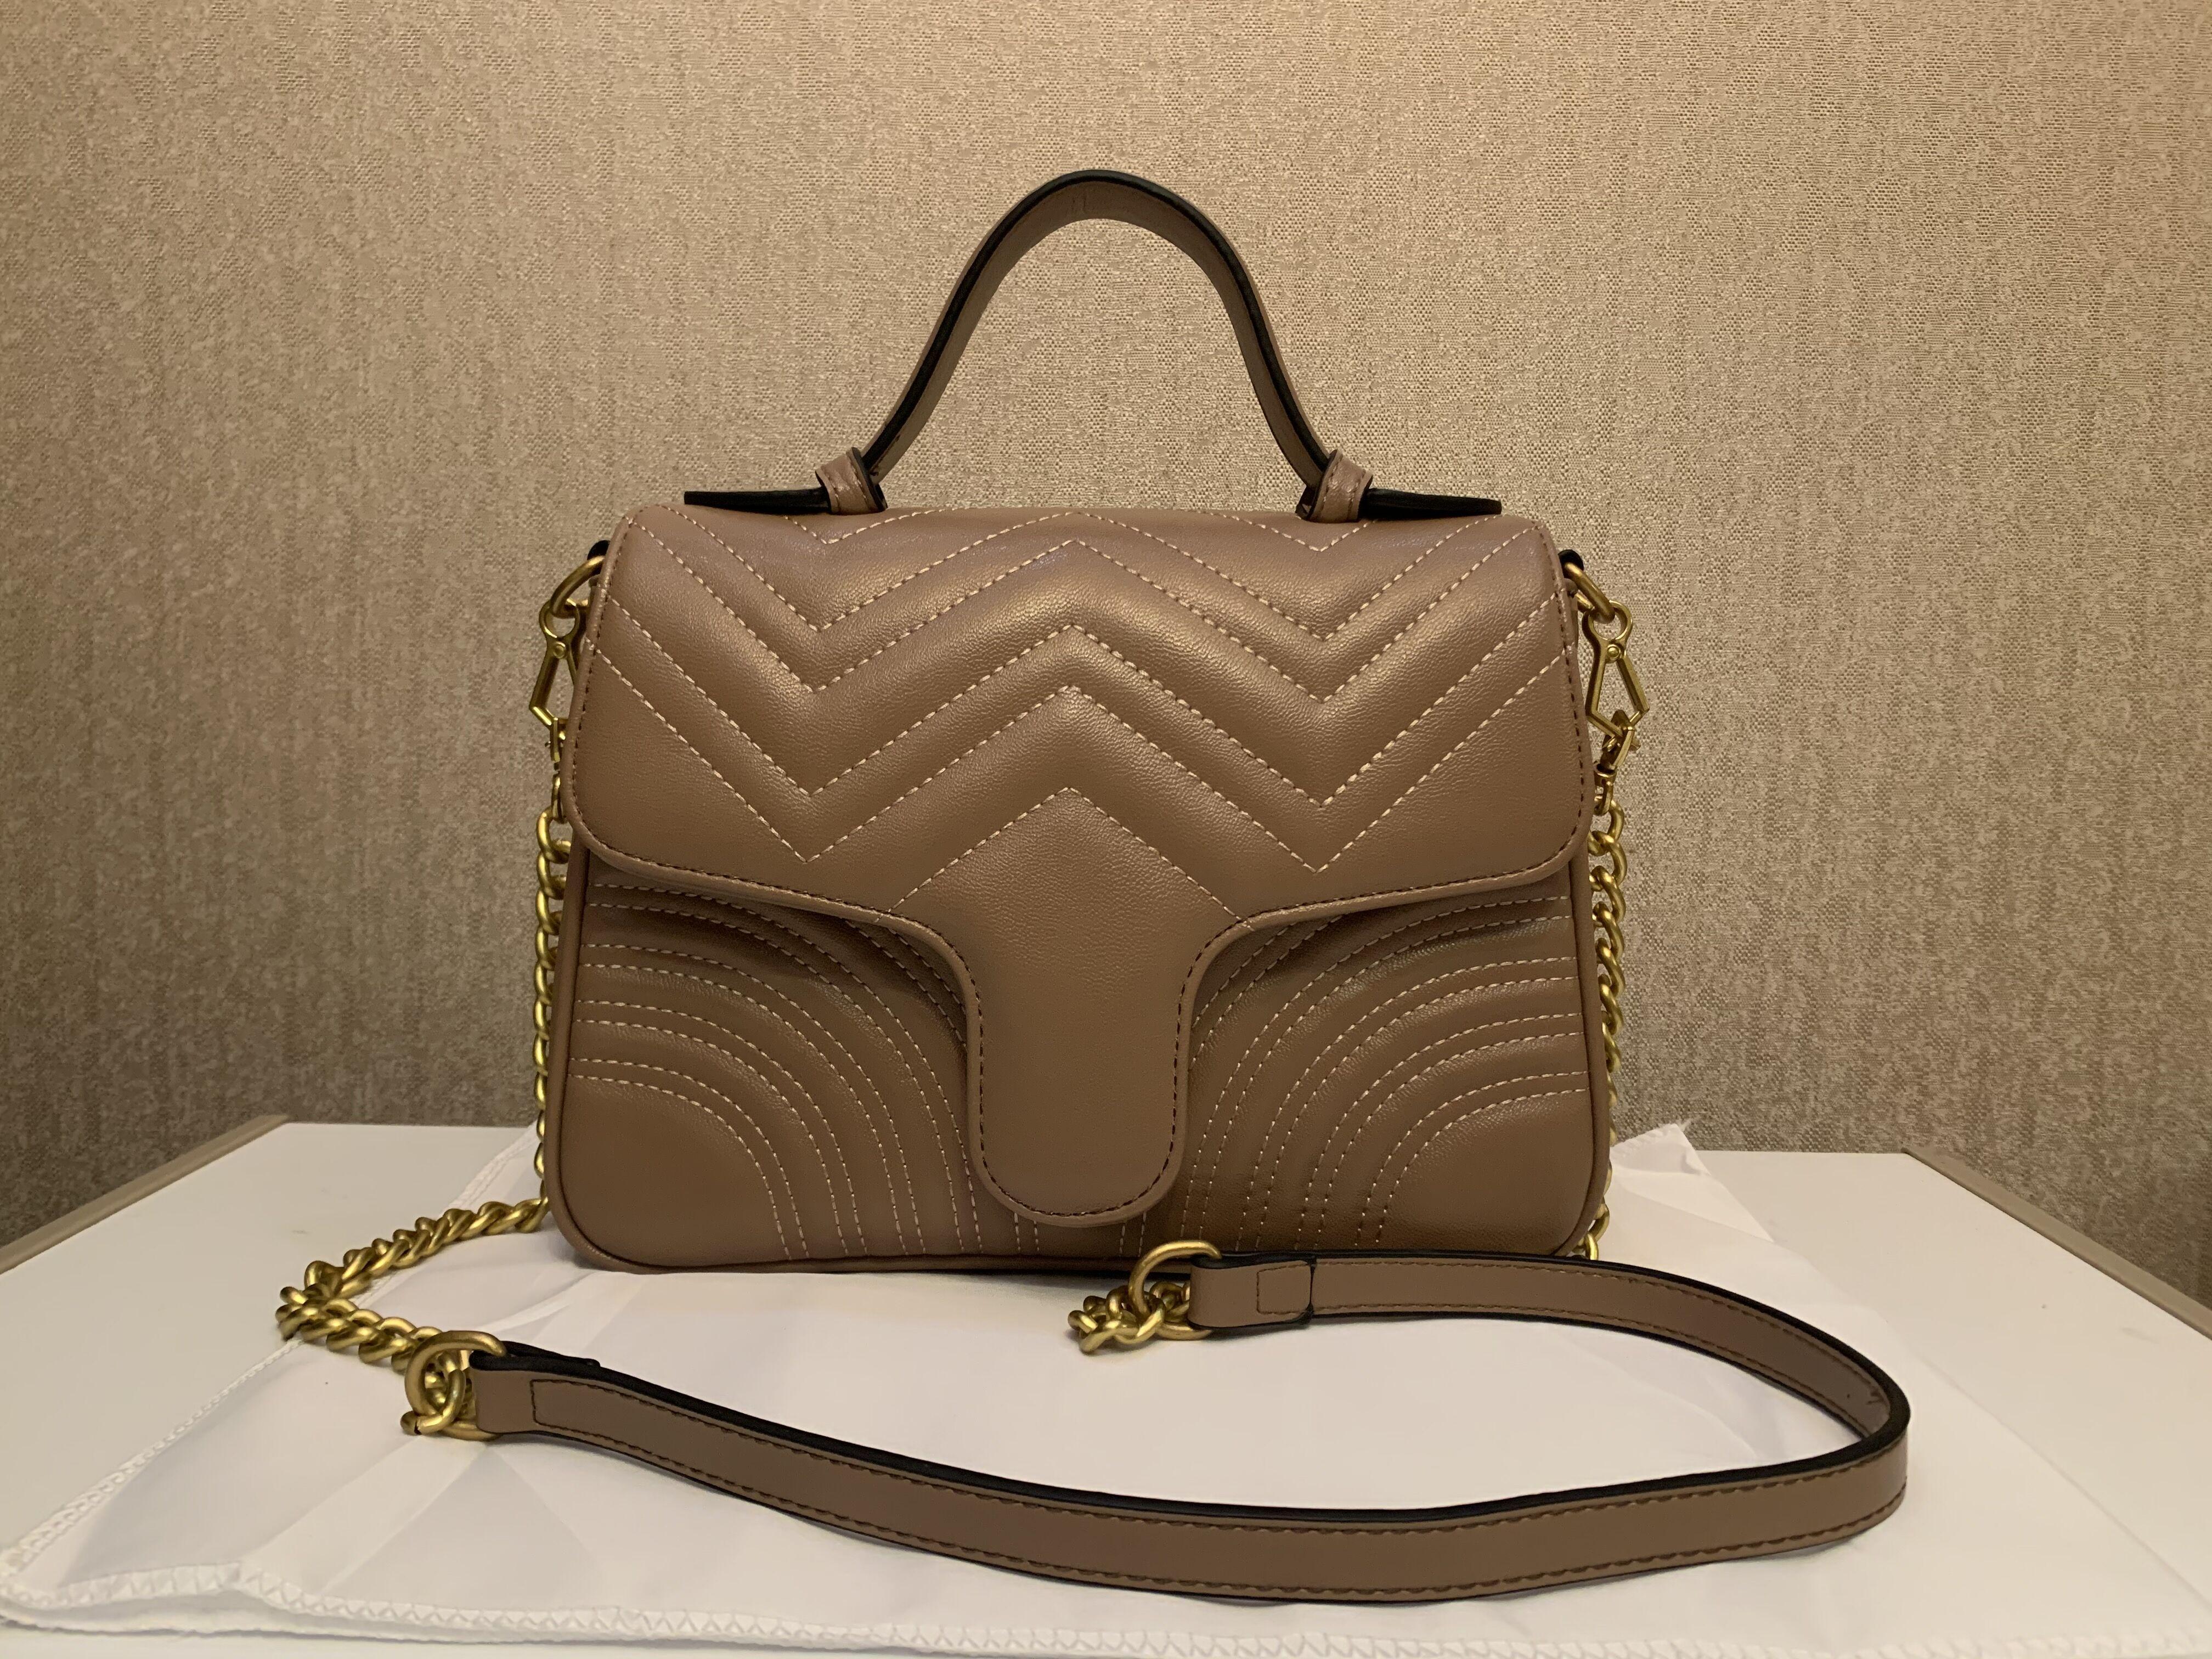 Saco Feminino 2019 Novas Mulheres Handbags Designer Genuine Couro Sheepskin Sacos de Compras Grátis Ter mais Cores